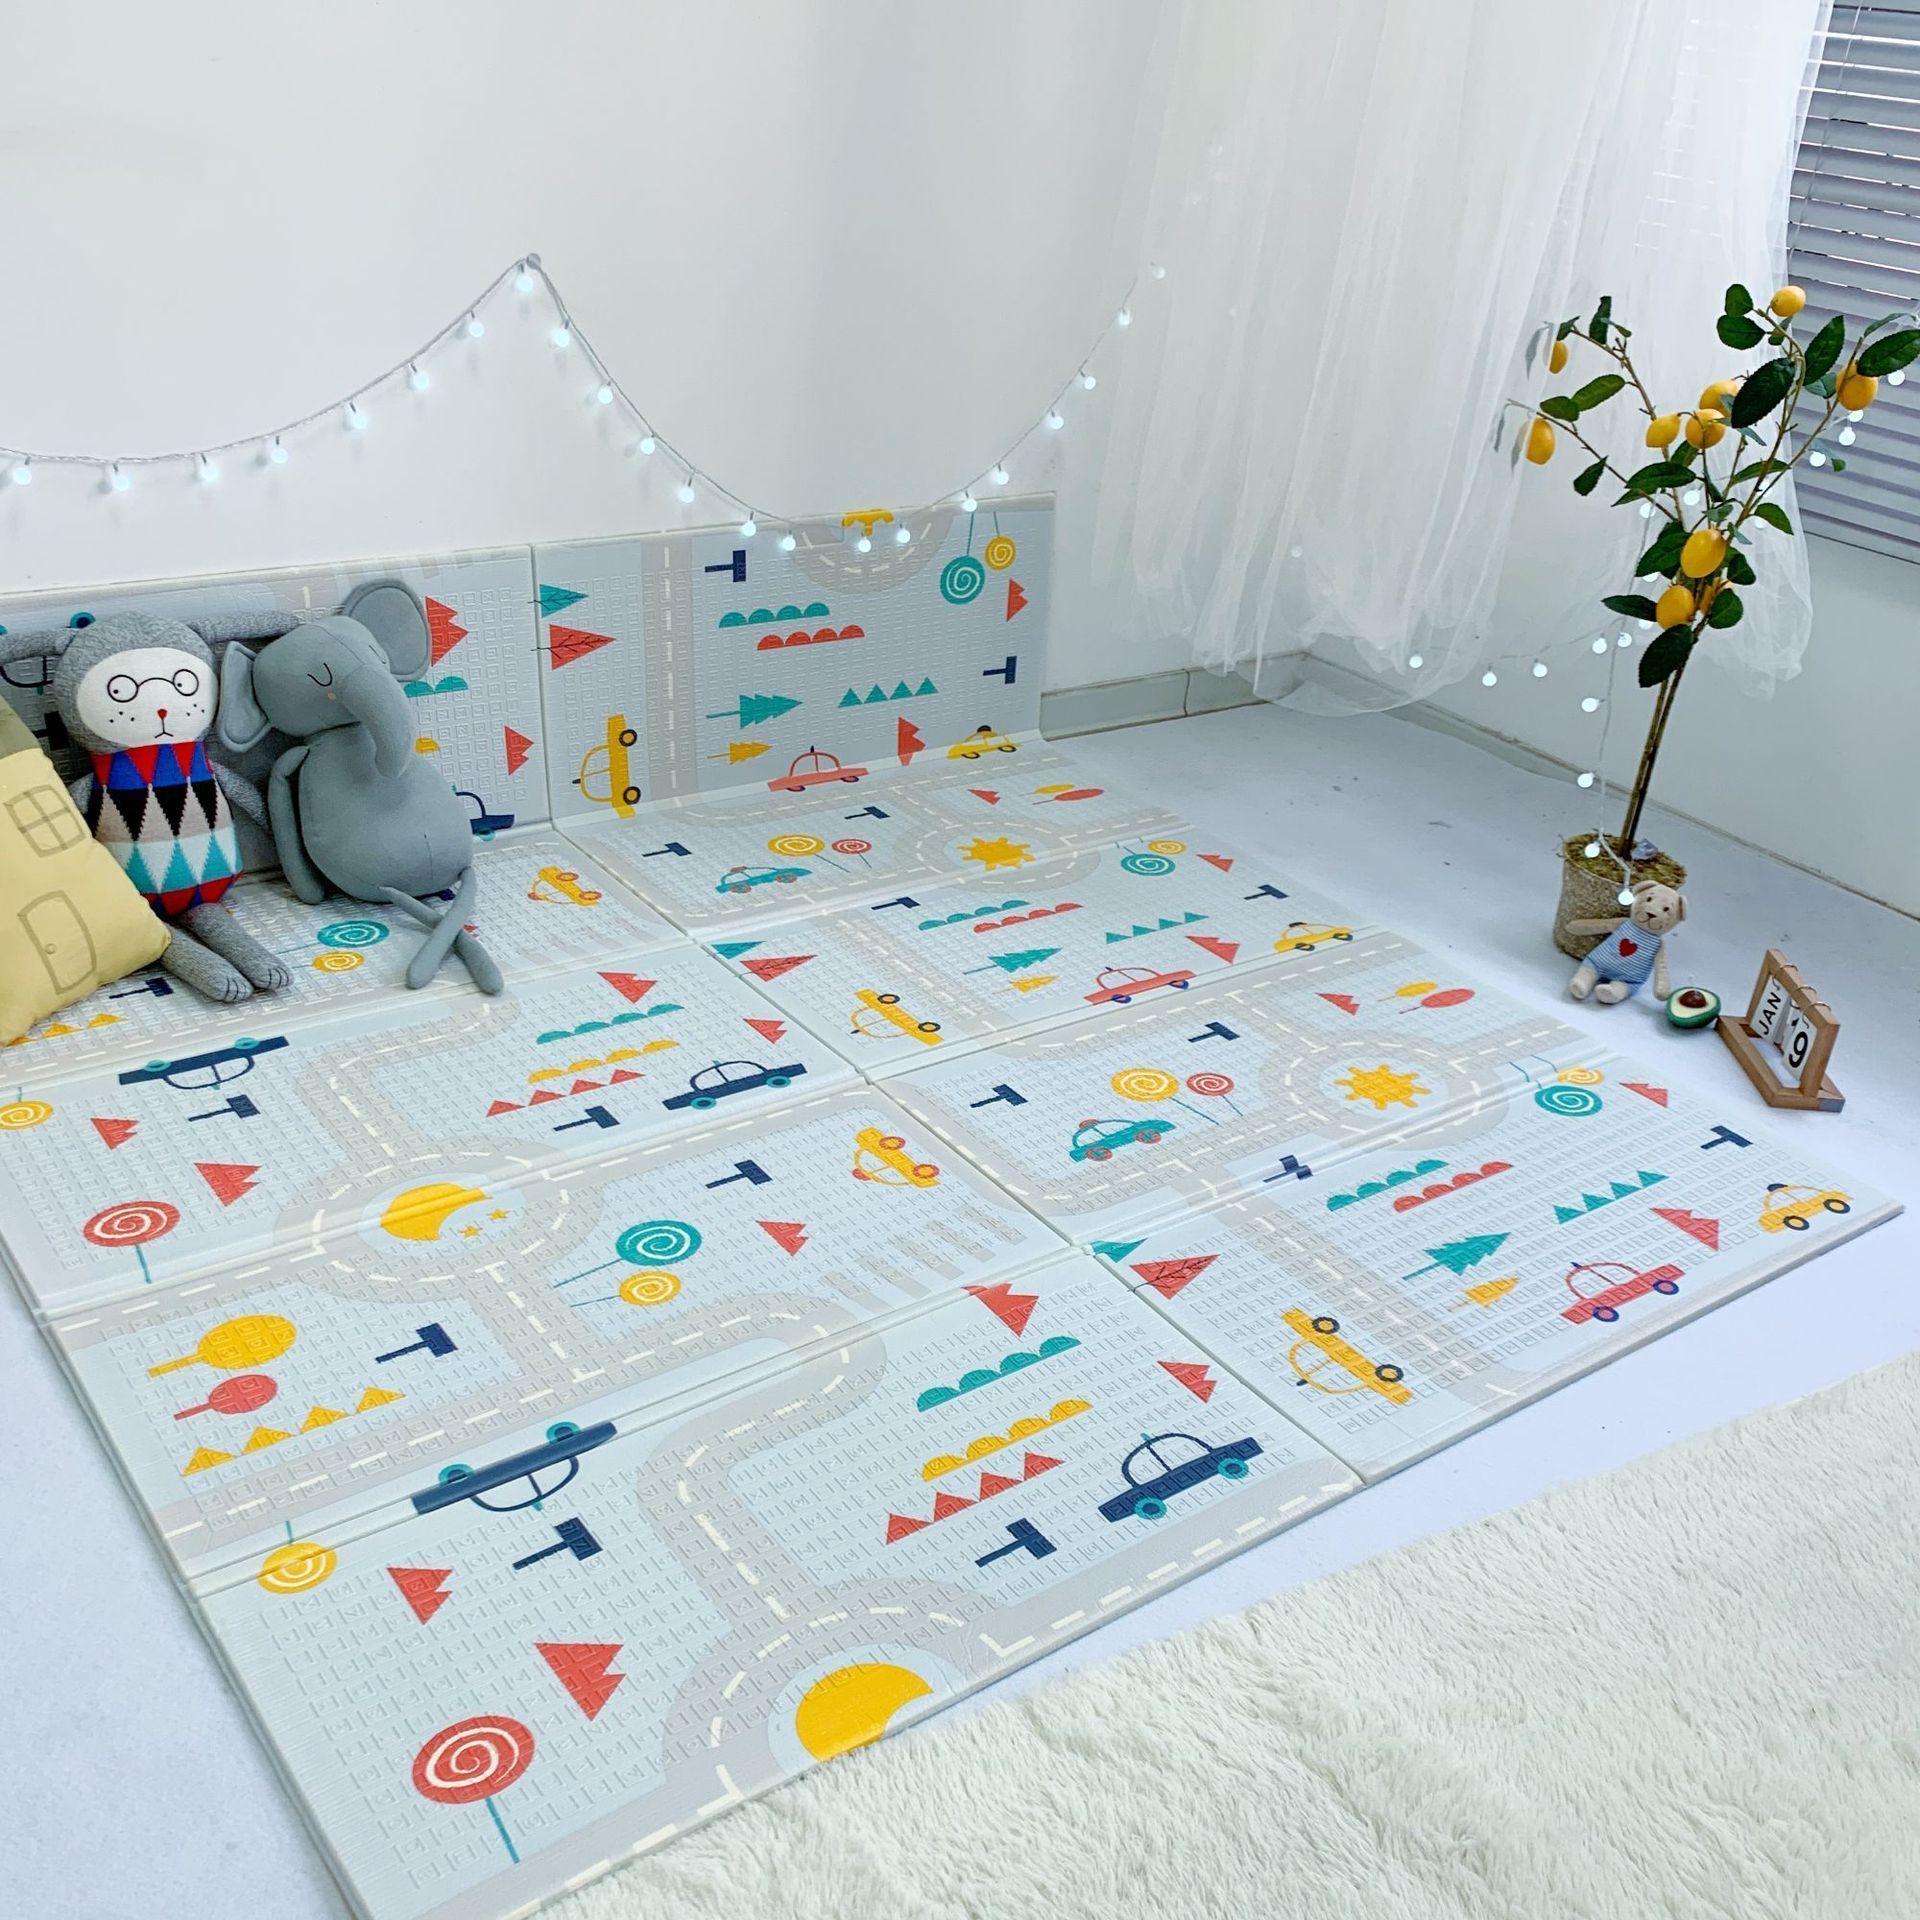 Pädagogische Matte Faltbare Cartoon Baby Spielmatte XPE Schaum Puzzle Kinder Teppich Baby Klettern Pad Kinder Teppich Baby Spiele Matten LJ201118